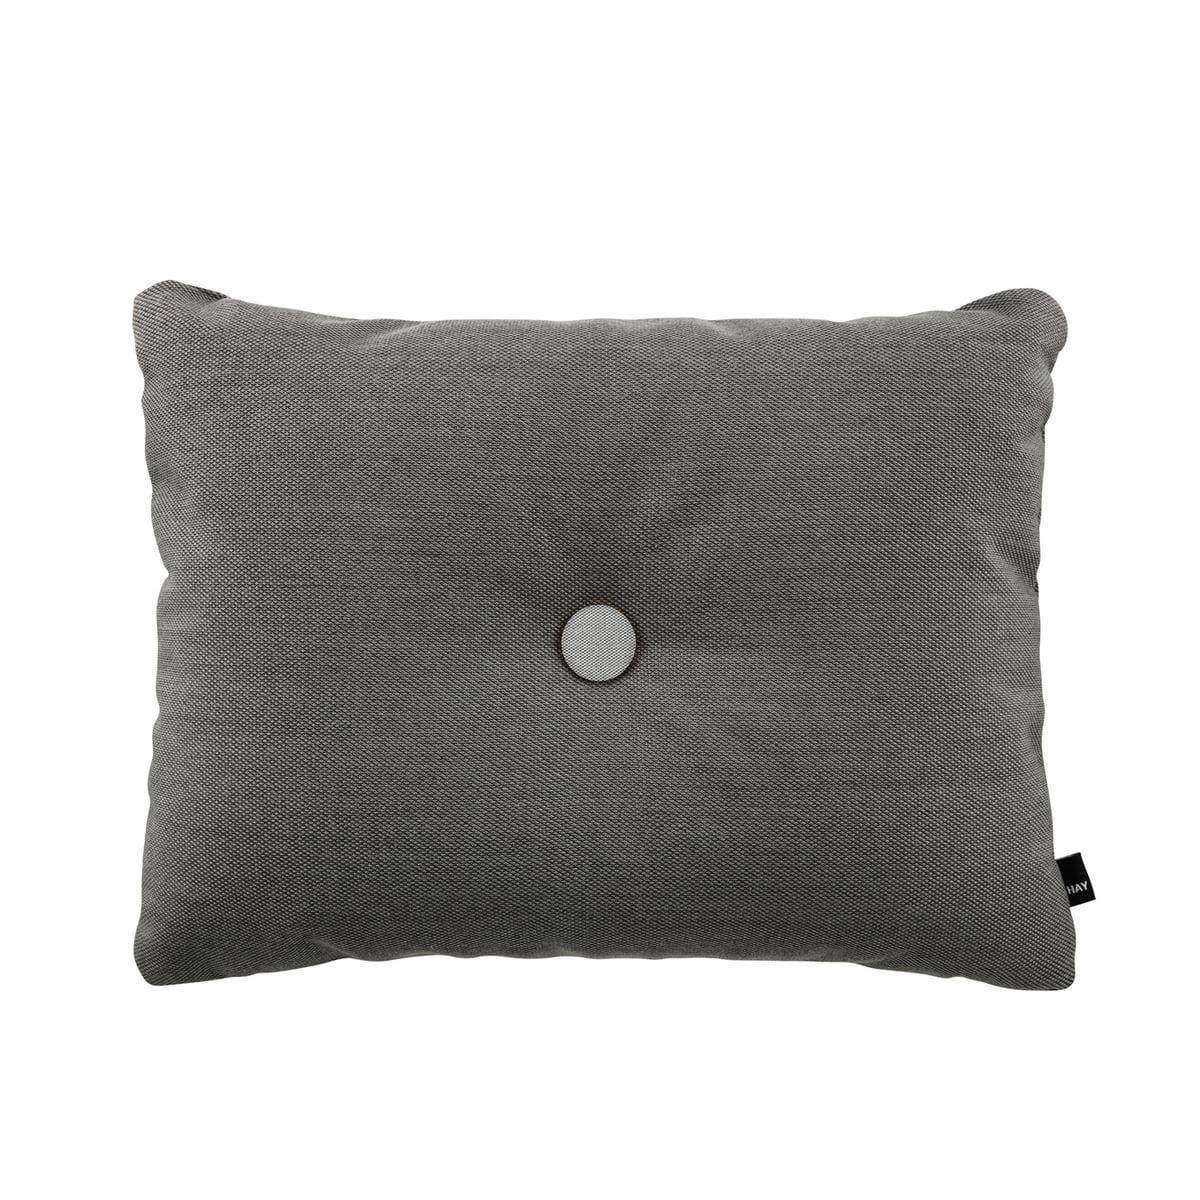 hay kissen dot 45 x 60 cm steelcut trio dark grey 153 dunkelgrau h 45 b 60 online kaufen bei. Black Bedroom Furniture Sets. Home Design Ideas